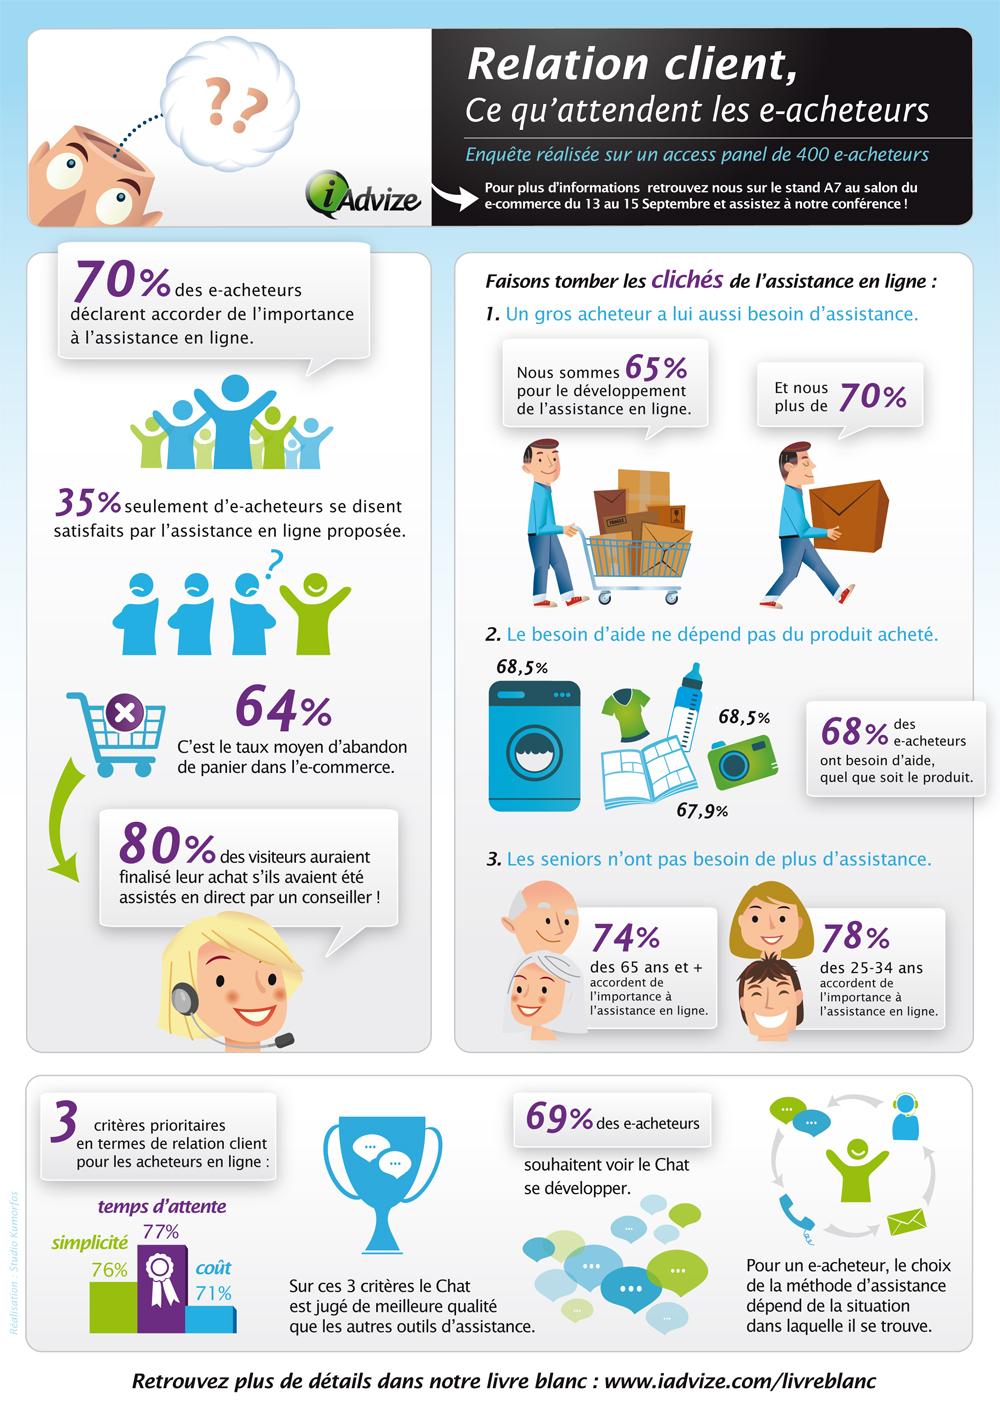 Les attentes des e acheteurs en une image - Les attentes des consommateurs sur la relation client avec les sites marchands